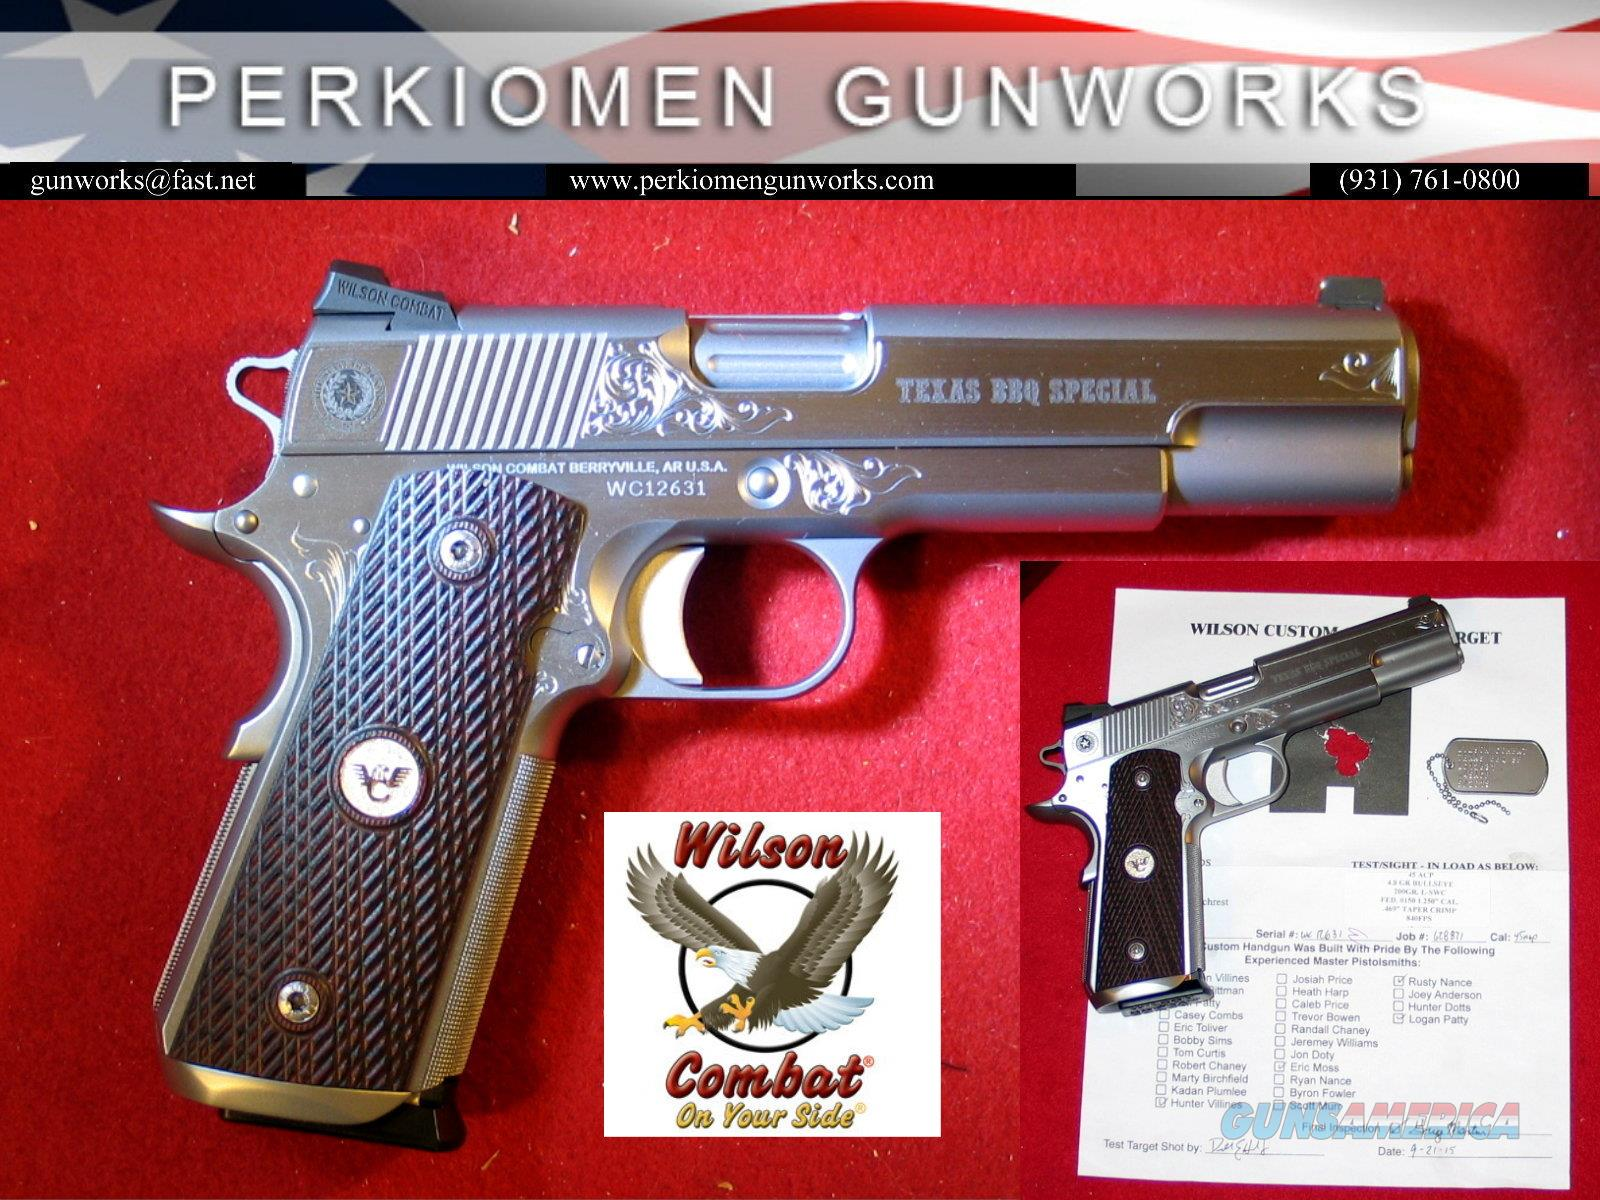 Texas BBQ Special Grade 1 Engraved, 5' 45acp, SS - NIB  Guns > Pistols > Wilson Combat Pistols